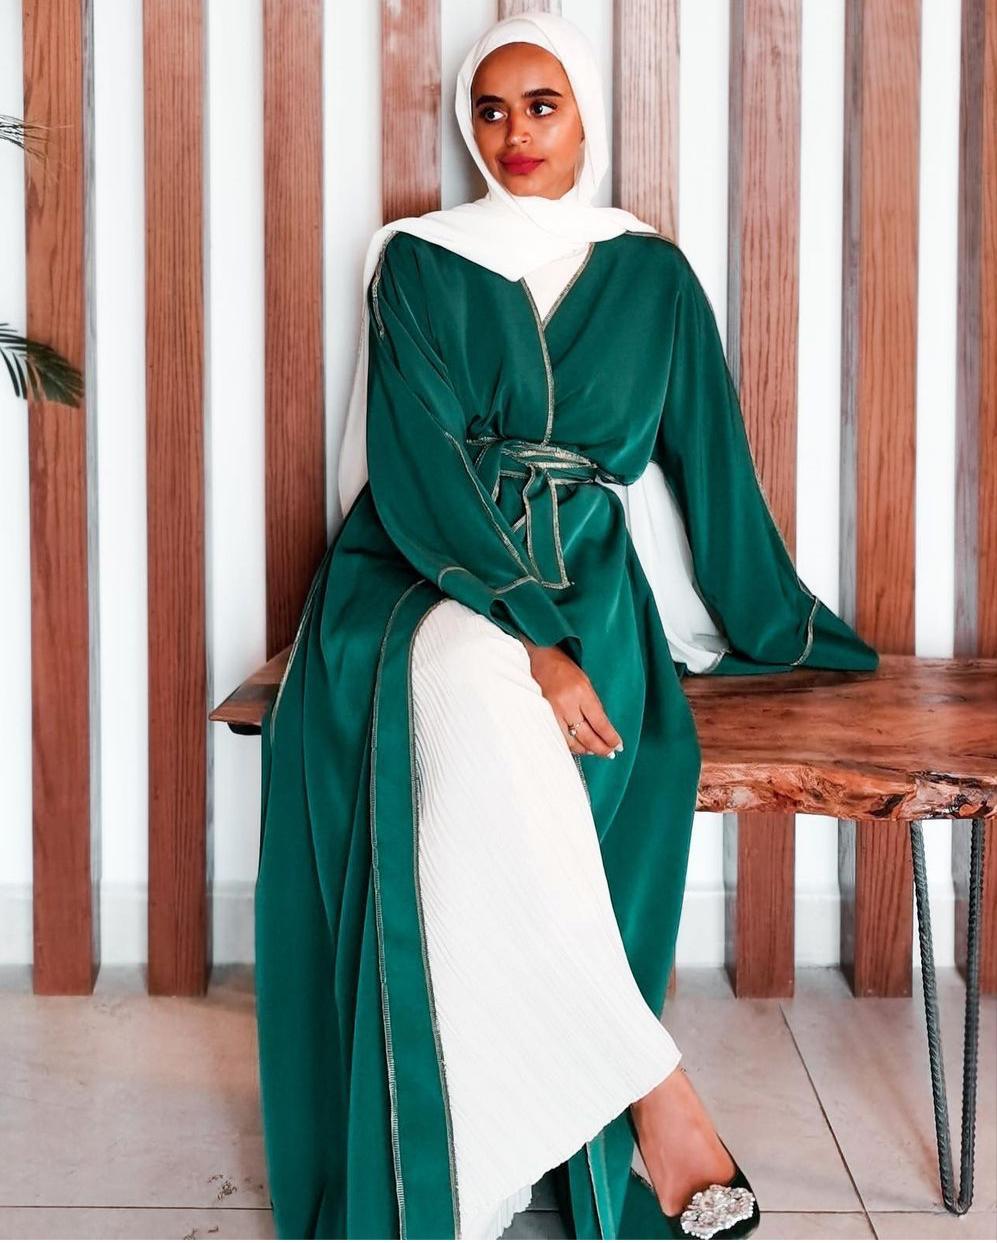 لولوة الخطاف بعباية خضراء -الصورة من حسابها على الانستغرام